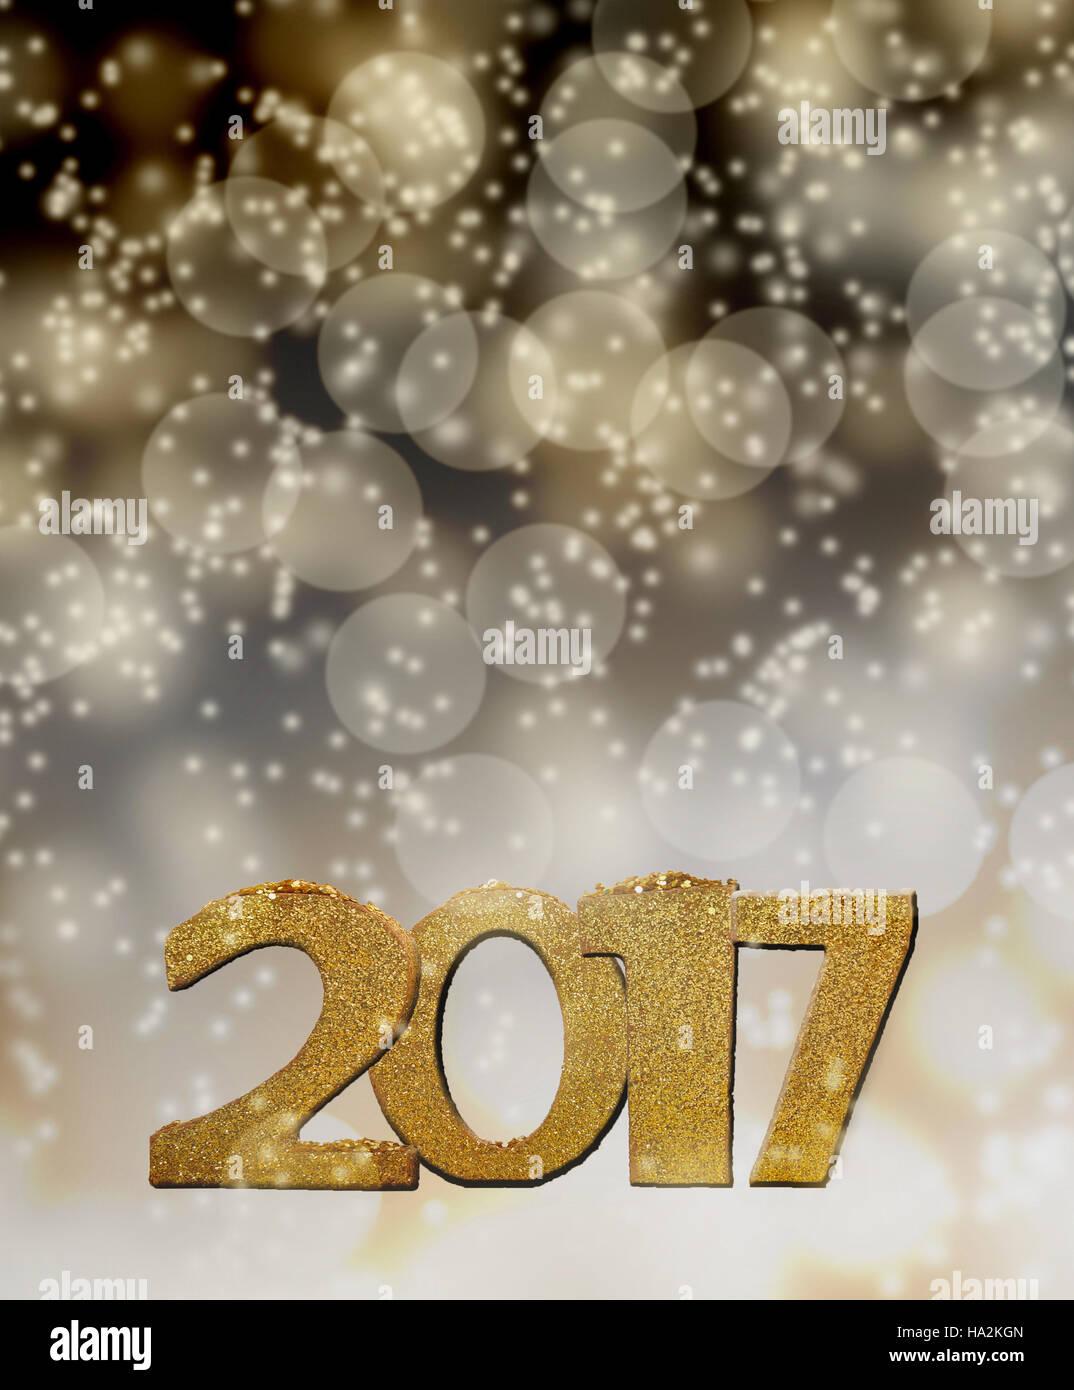 Golden figure 2017 su sfondo luci Immagini Stock